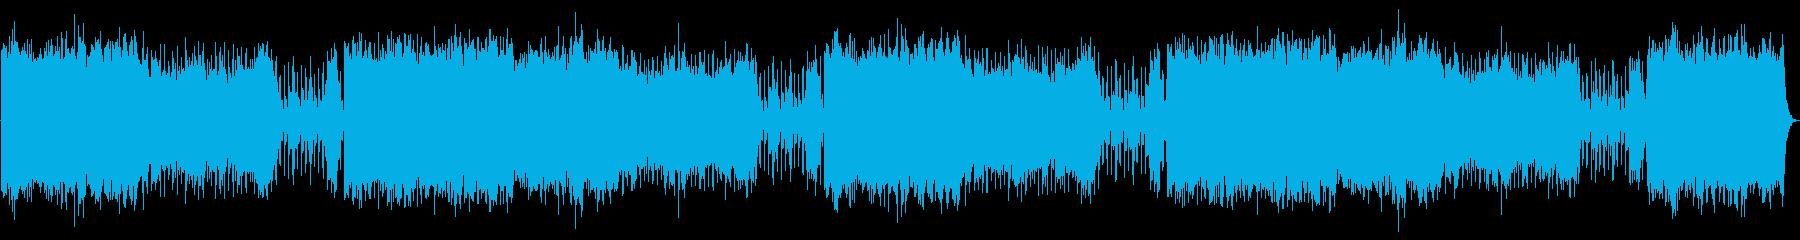 弦、フルート、フレンチホルン、そり...の再生済みの波形